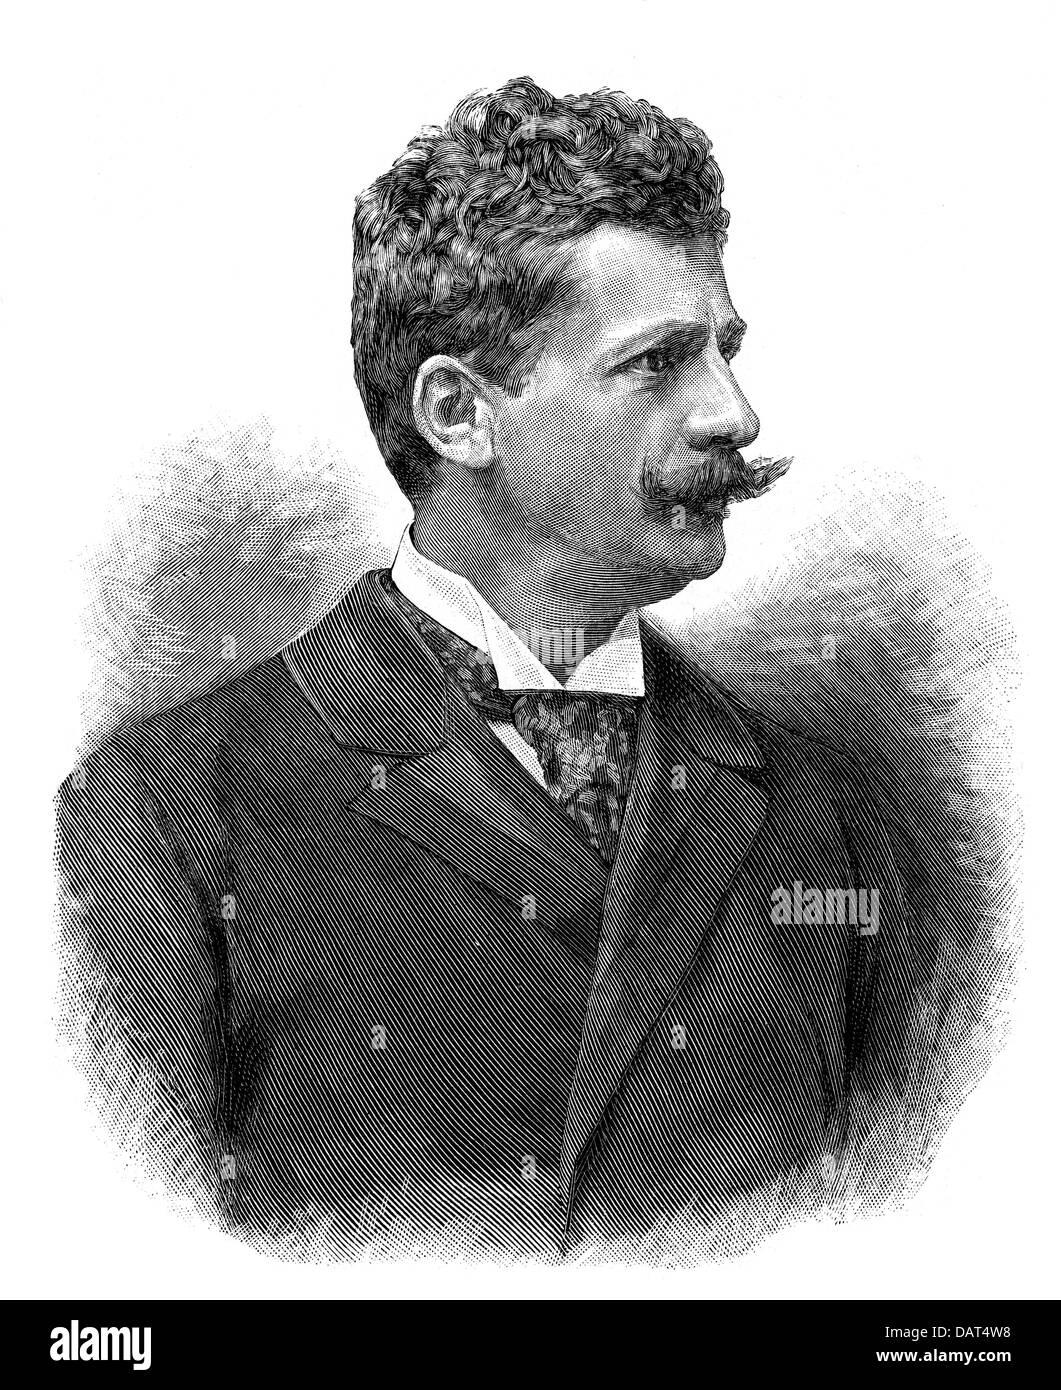 Künstler München Maler papperitz georg 3 8 1846 26 2 1918 deutscher künstler maler